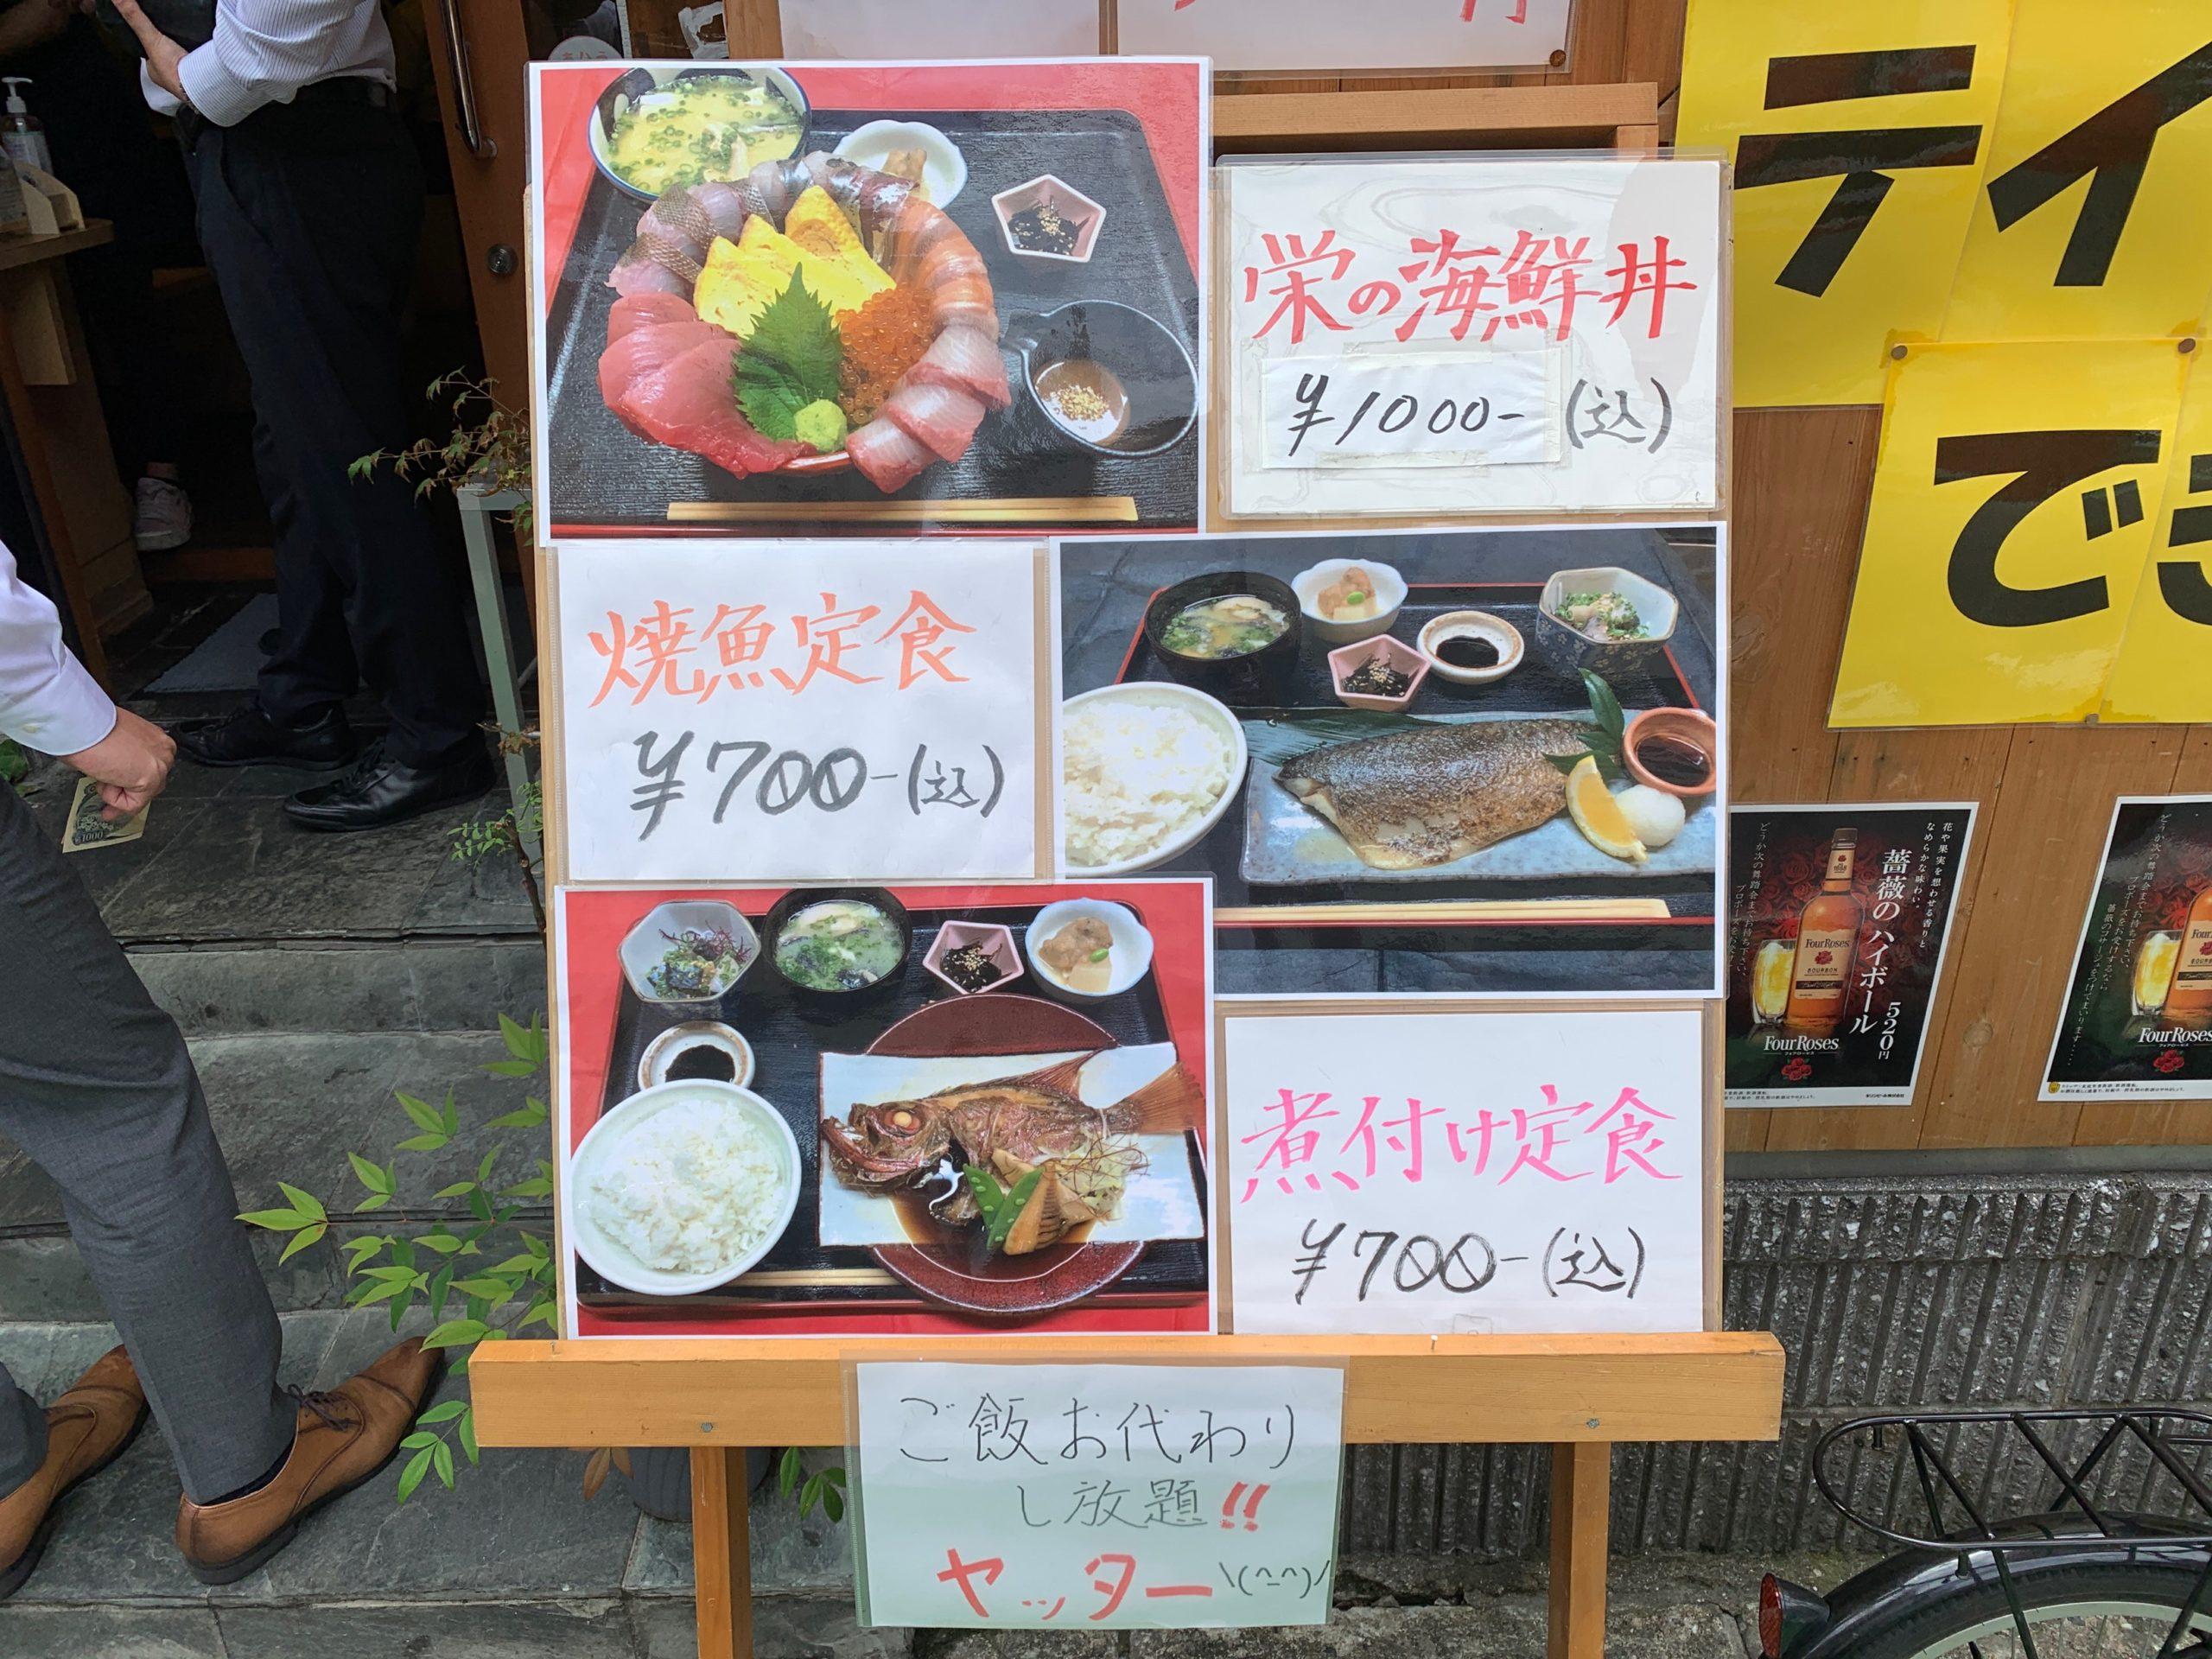 栄鮮魚のランチメニュー